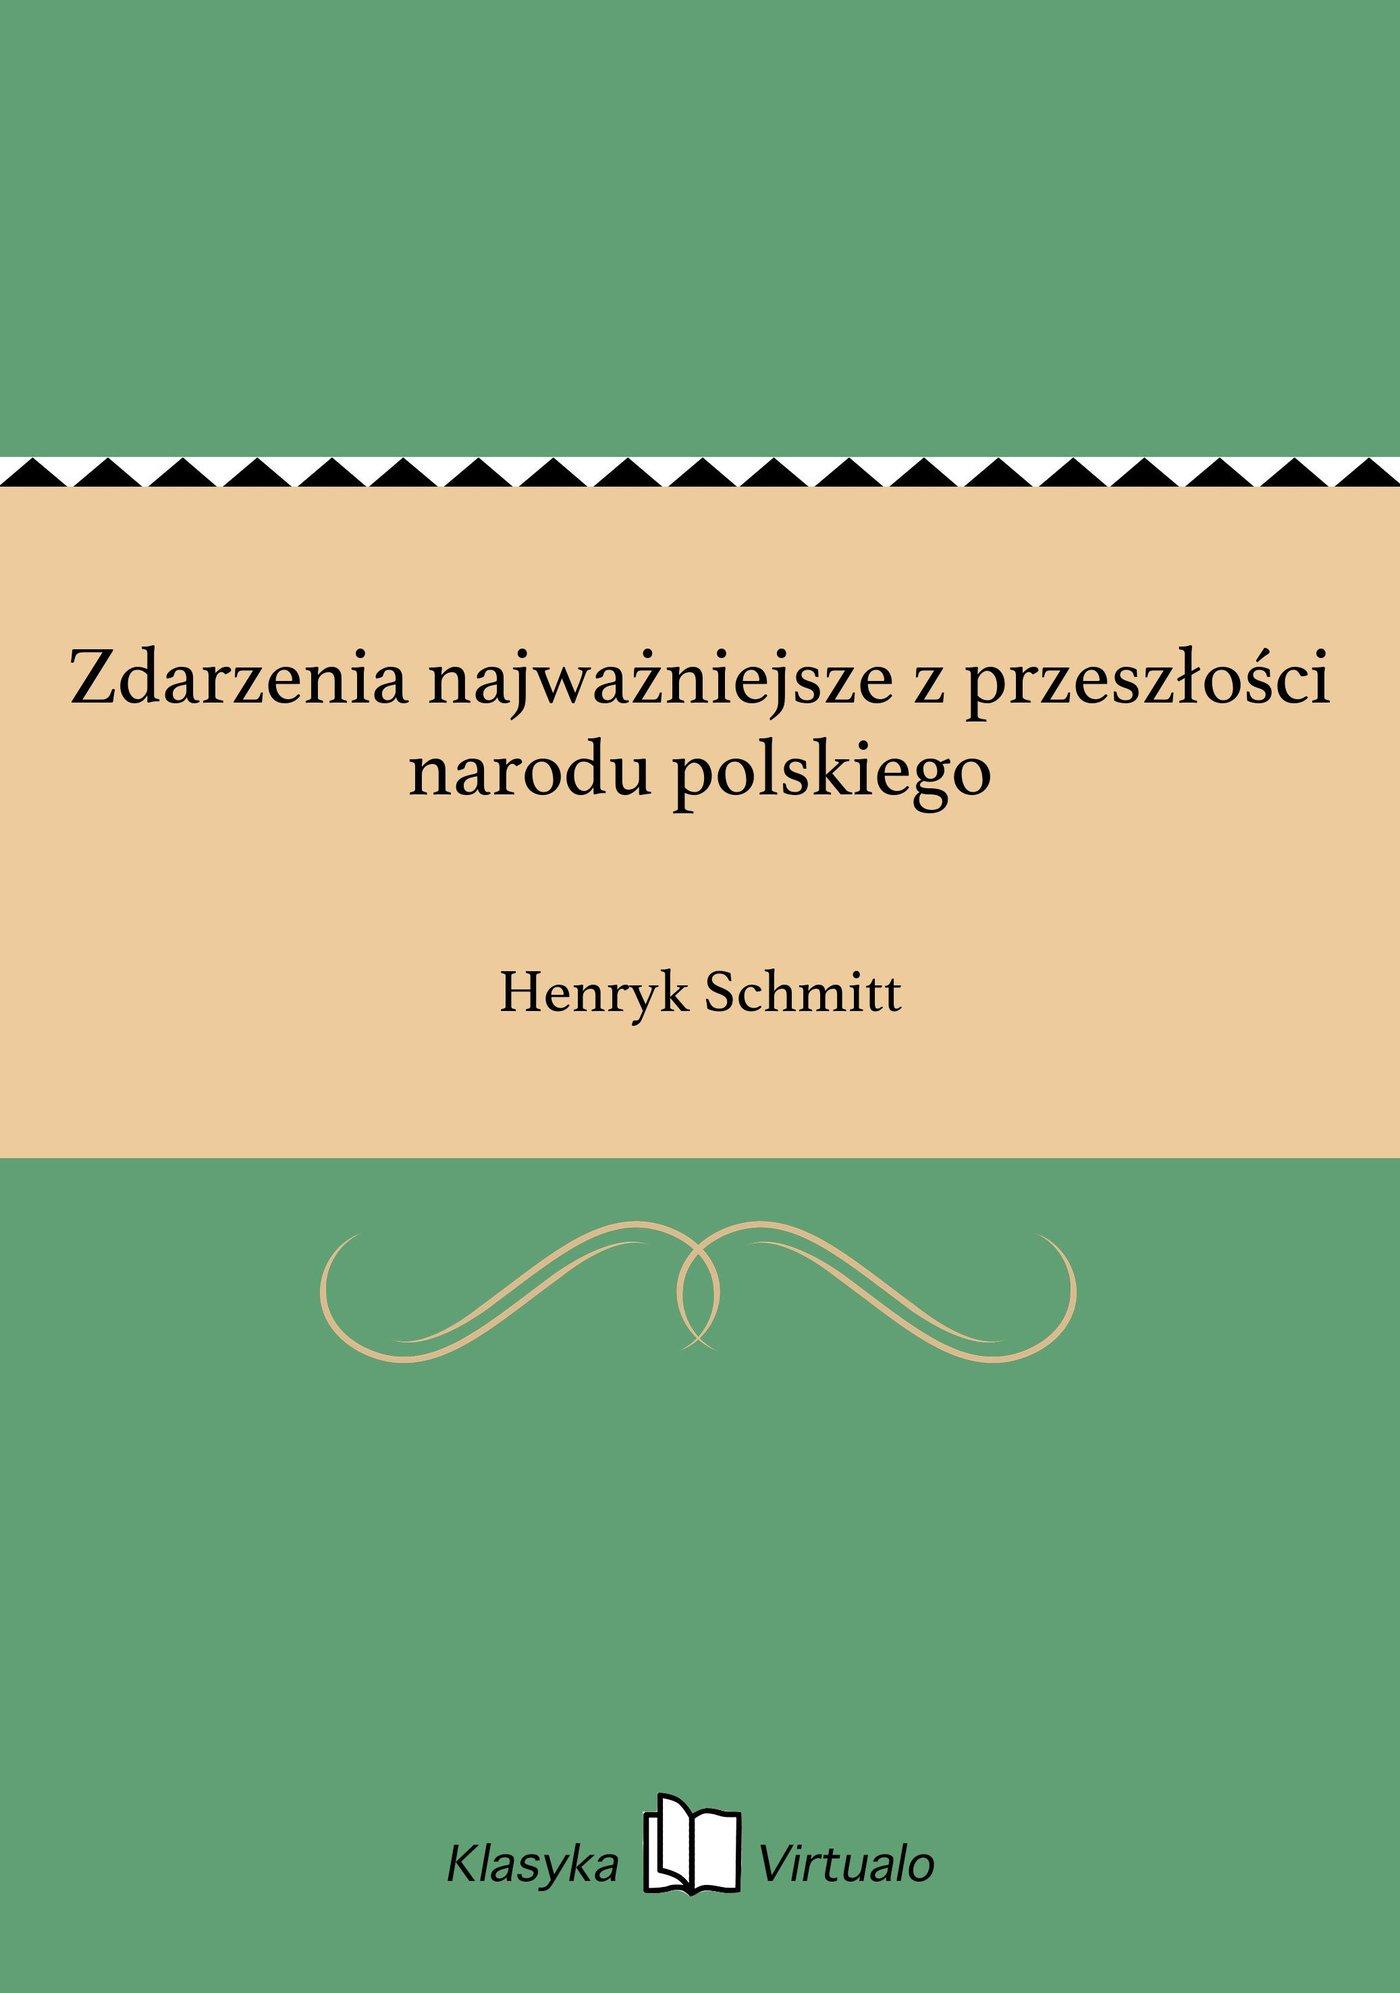 Zdarzenia najważniejsze z przeszłości narodu polskiego - Ebook (Książka EPUB) do pobrania w formacie EPUB